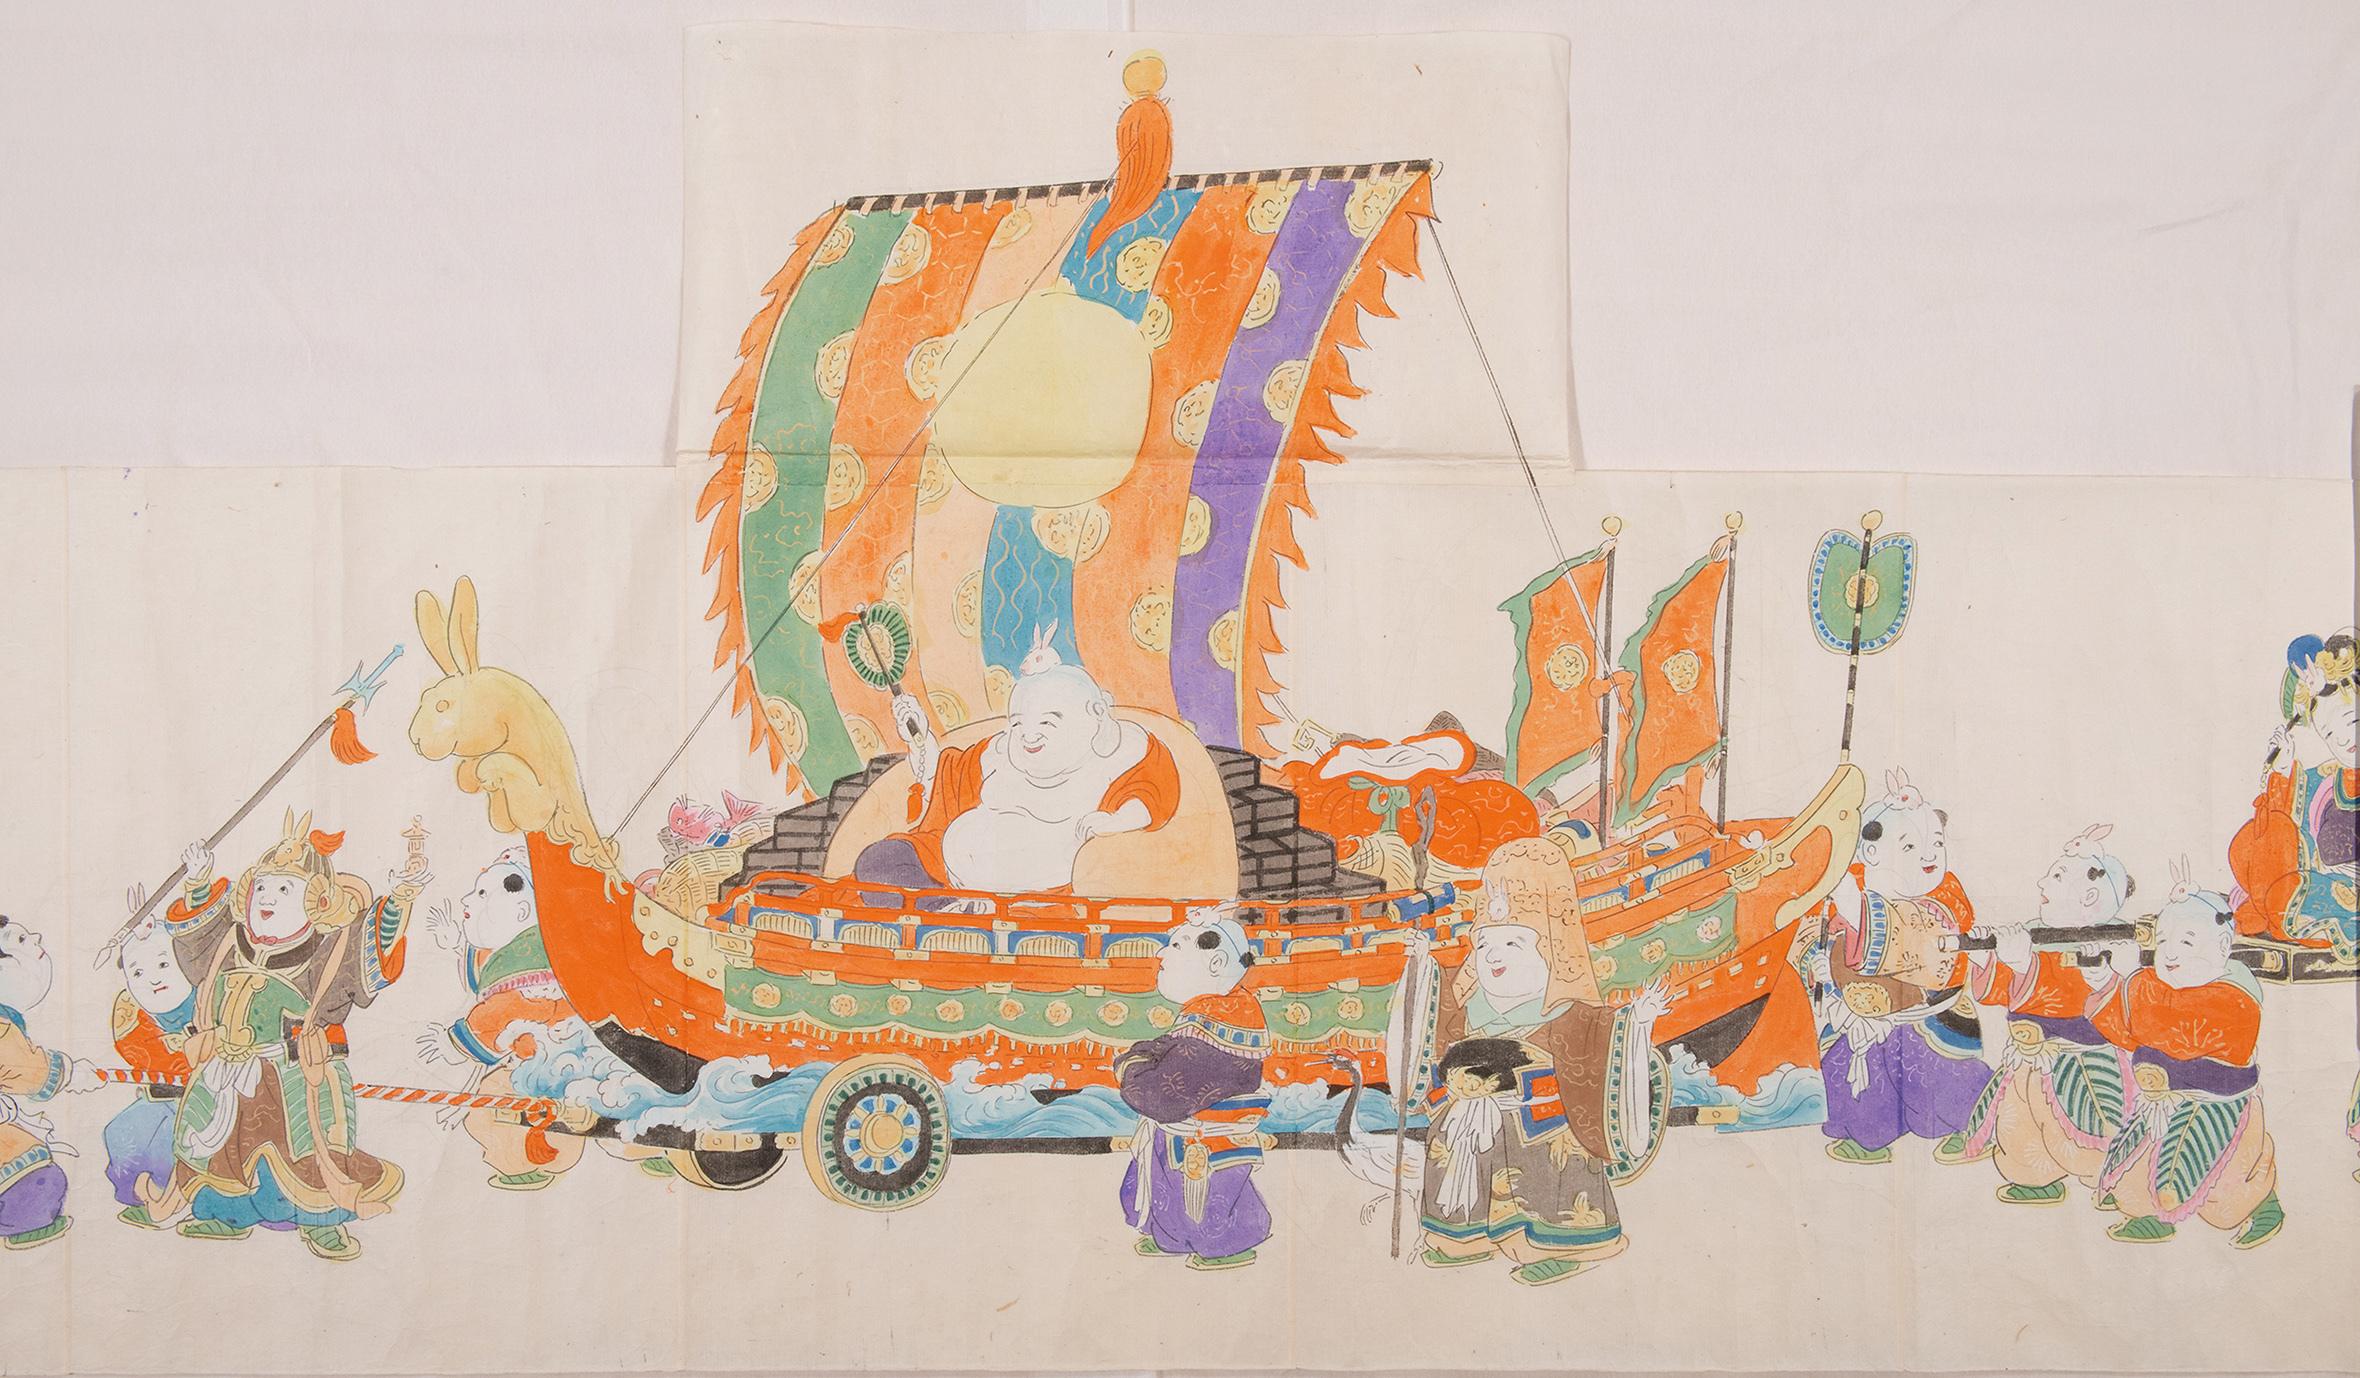 「木彫彩色御所人形 製作時下絵」紙本彩色 3枚のうち 五世大木平藏製 昭和14年(1939) 静嘉堂文庫美術館蔵 【全期間展示】